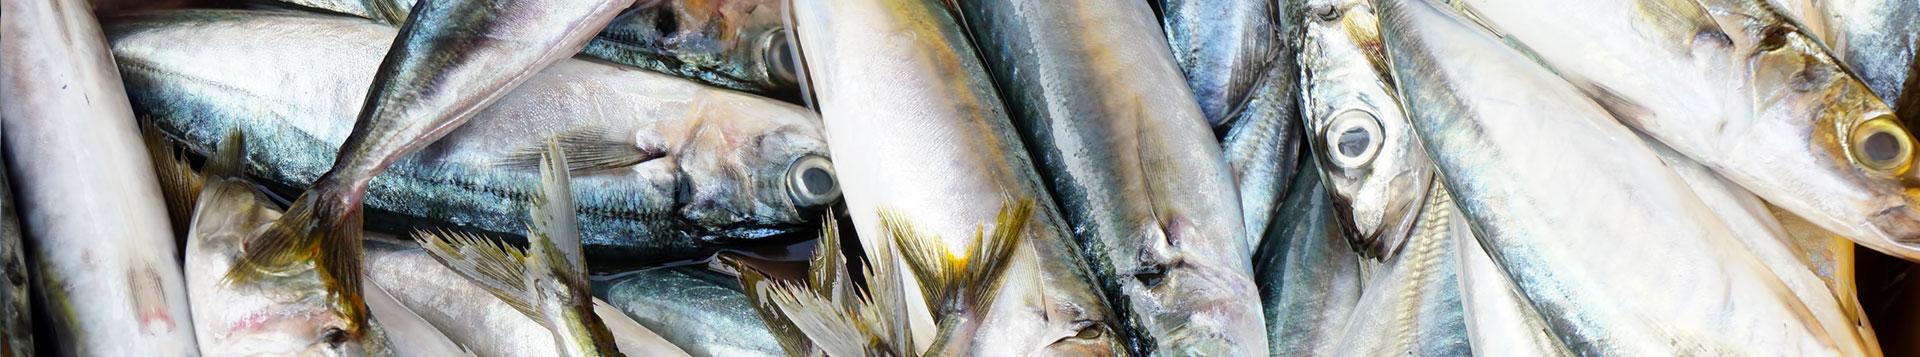 Baitrunner Style Fishing Reels